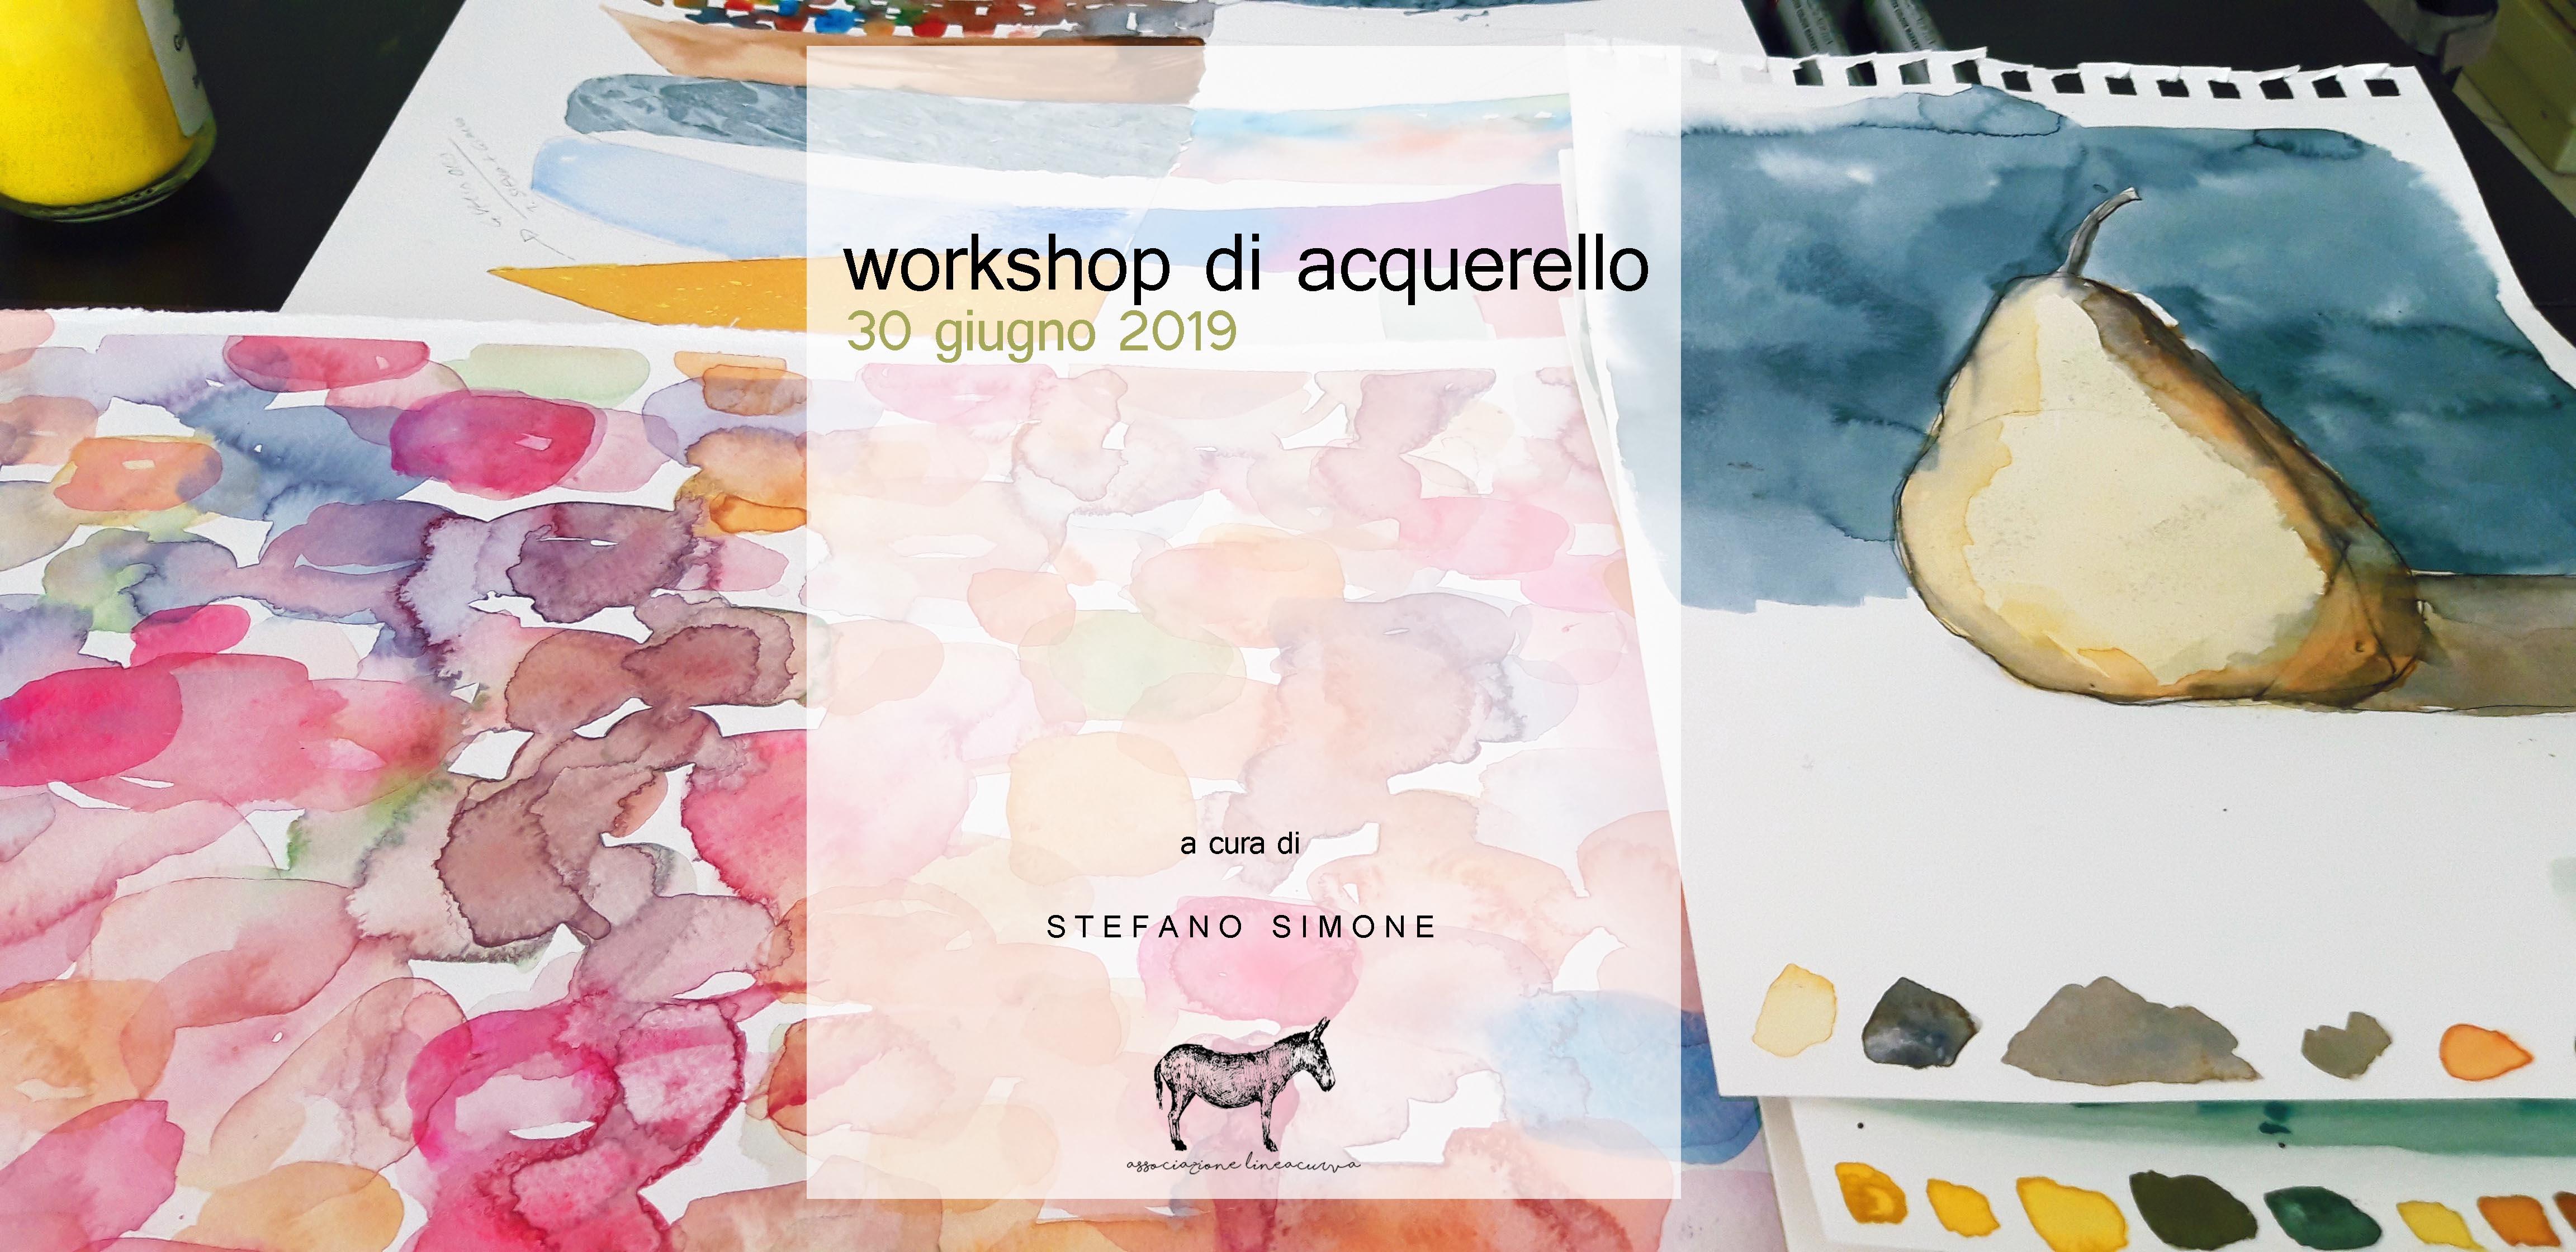 Workshop di acquerello (30 giugno 2019)